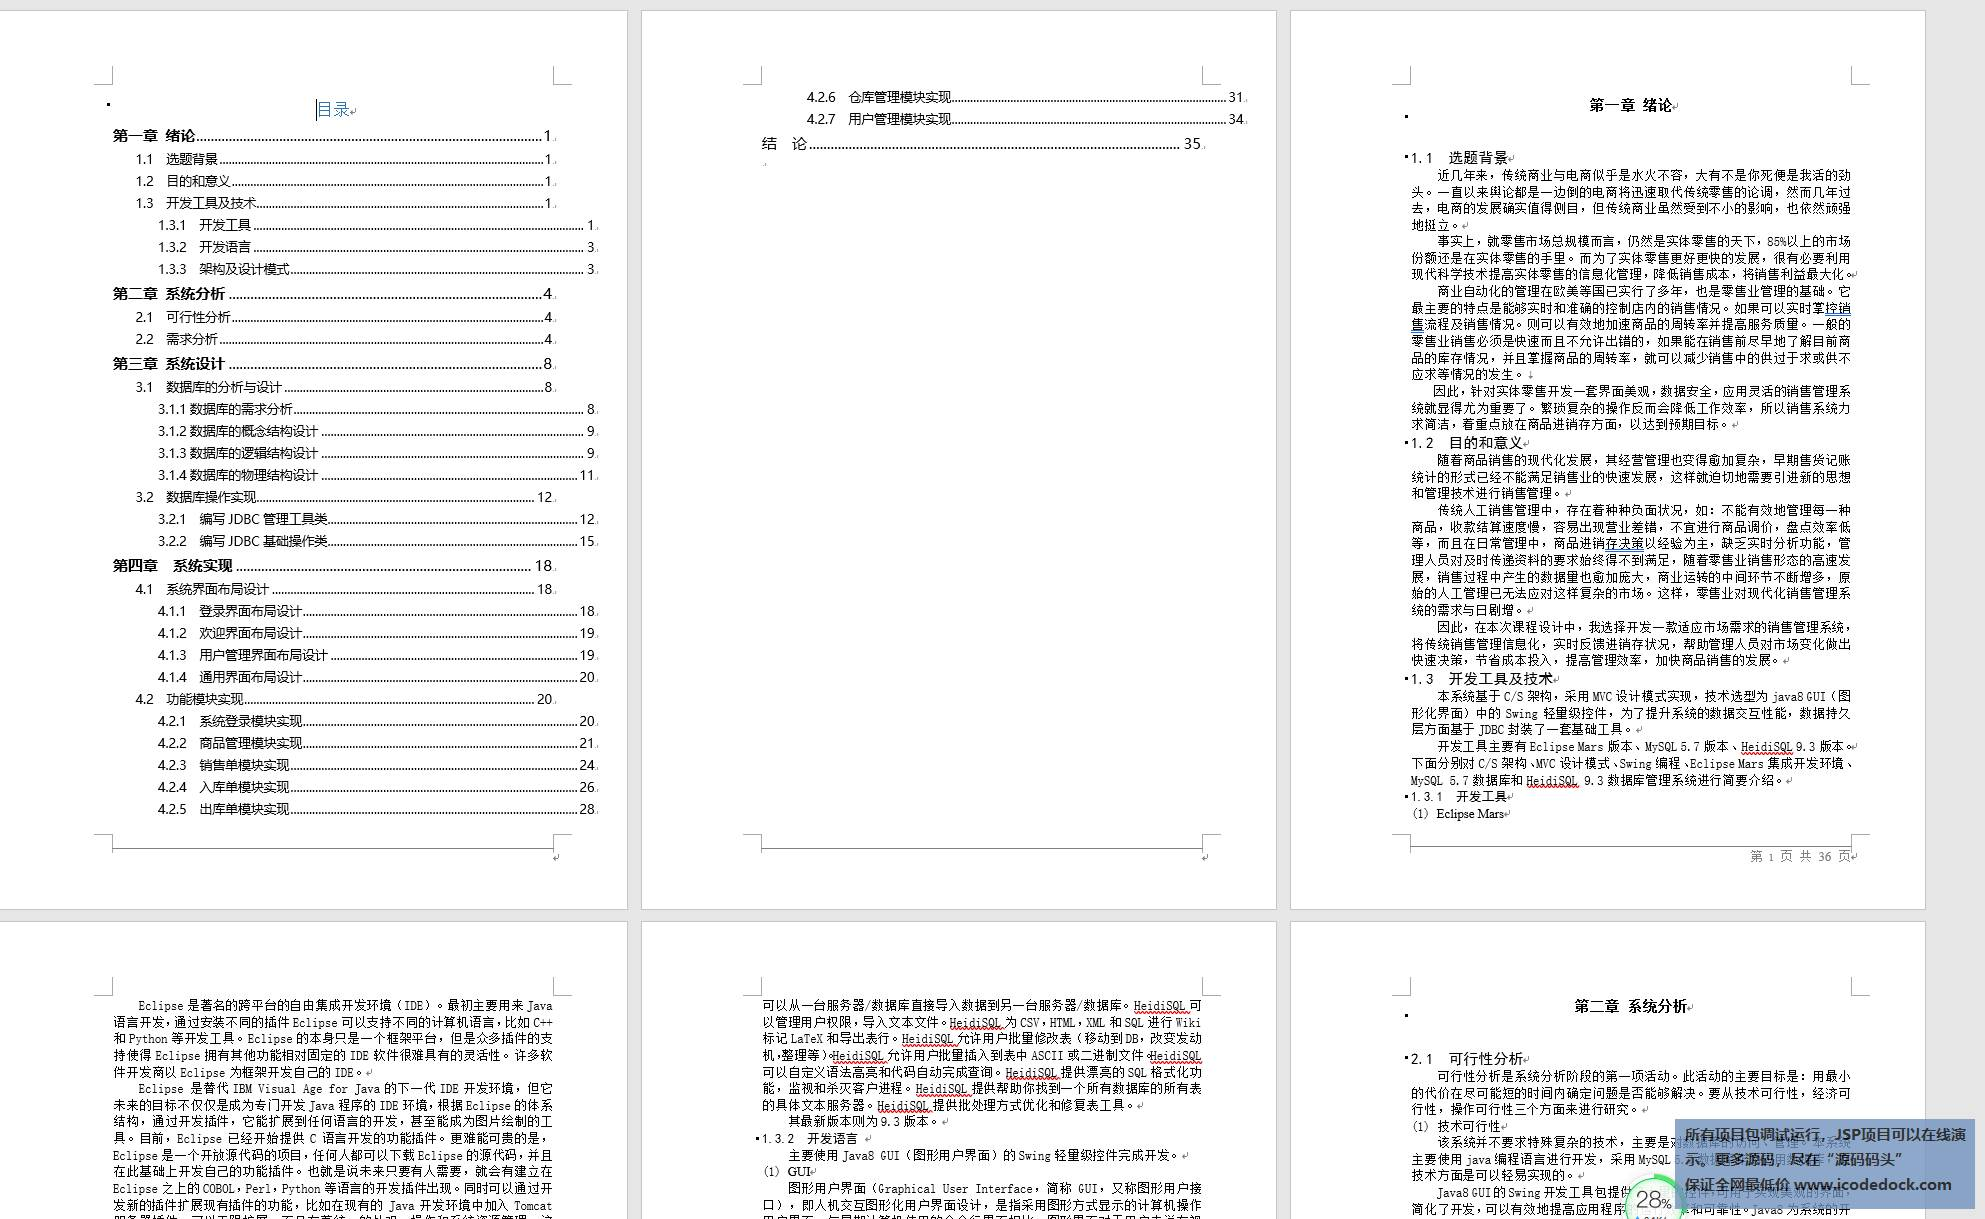 源码码头-企业进销存进货销售仓储管理系统-文档目录